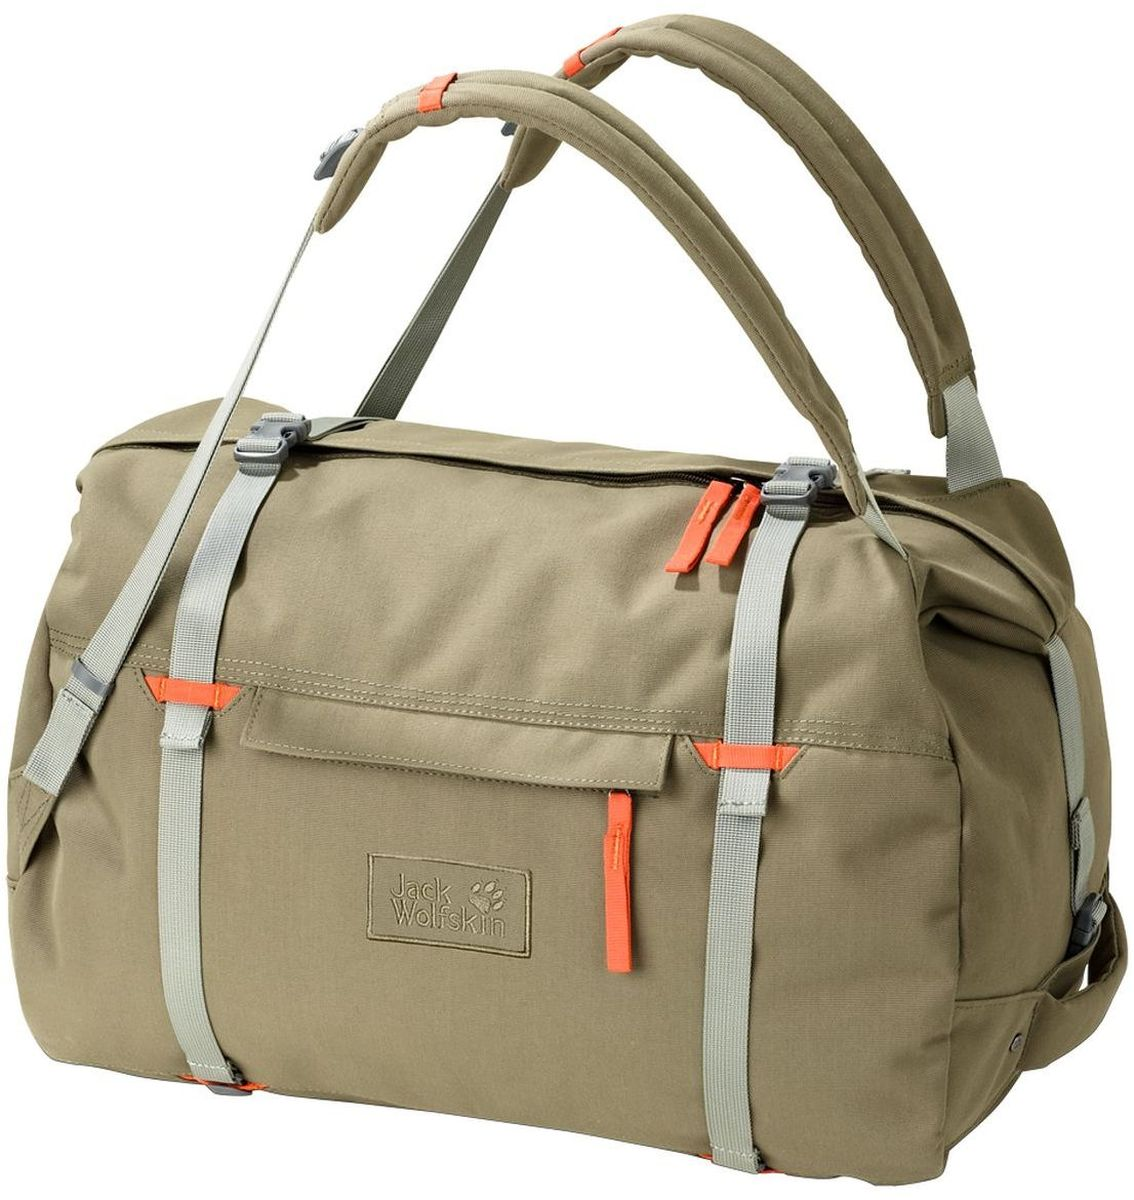 Сумка-рюкзак Jack Wolfskin Roamer 80 Duffle, цвет: бежевый. 2005451-5033MABLSEH10001Сумка-рюкзак Jack Wolfskin Roamer 80 Duffle выполнена из полиэстер. Модель с одним отделением. Передняя стенка оформлена карманом на молнии. Очень большая и прочная сумка для путешествий с возможностью ношения как рюкзак